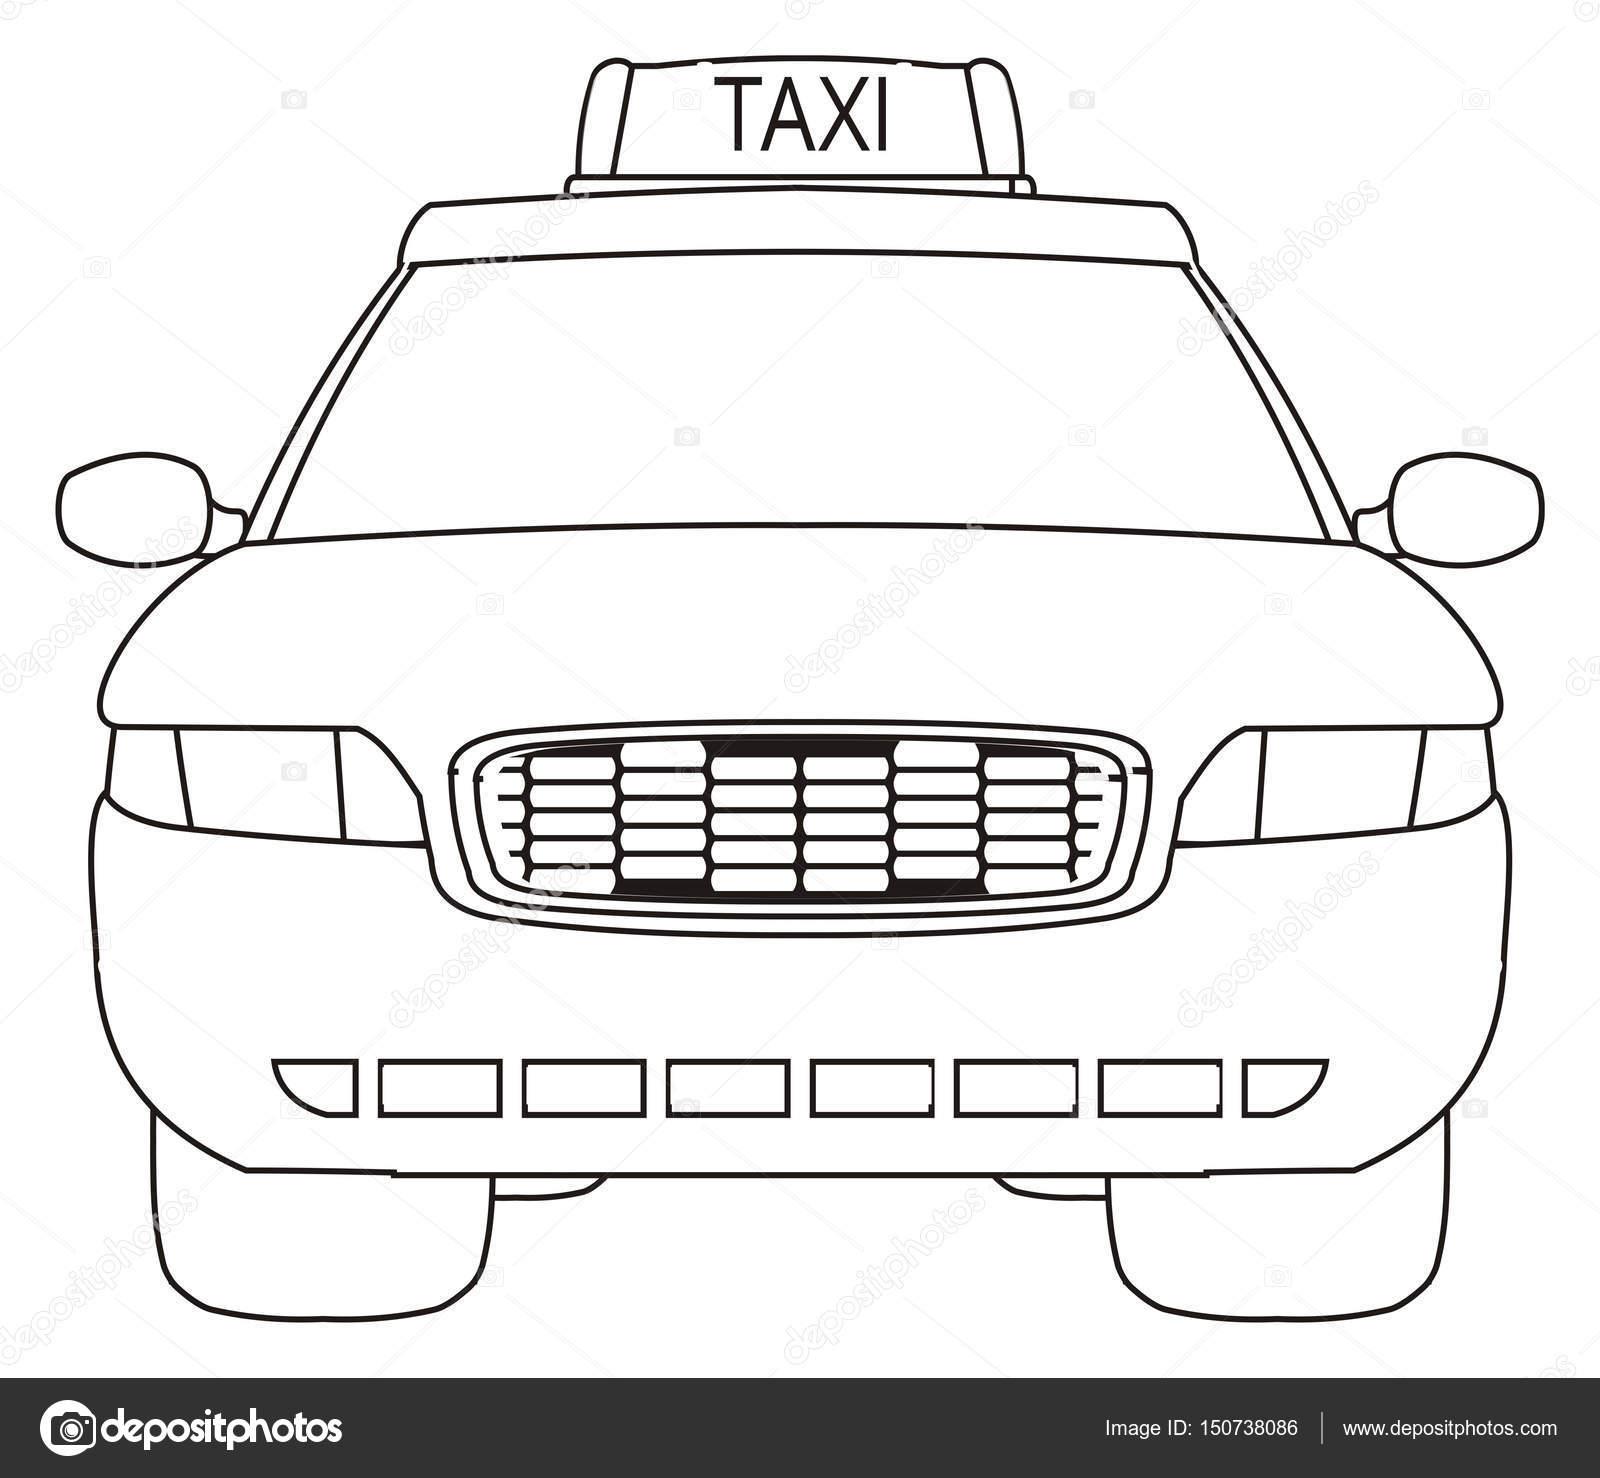 colorear coche de taxi — Foto de stock © tatty77tatty #150738086